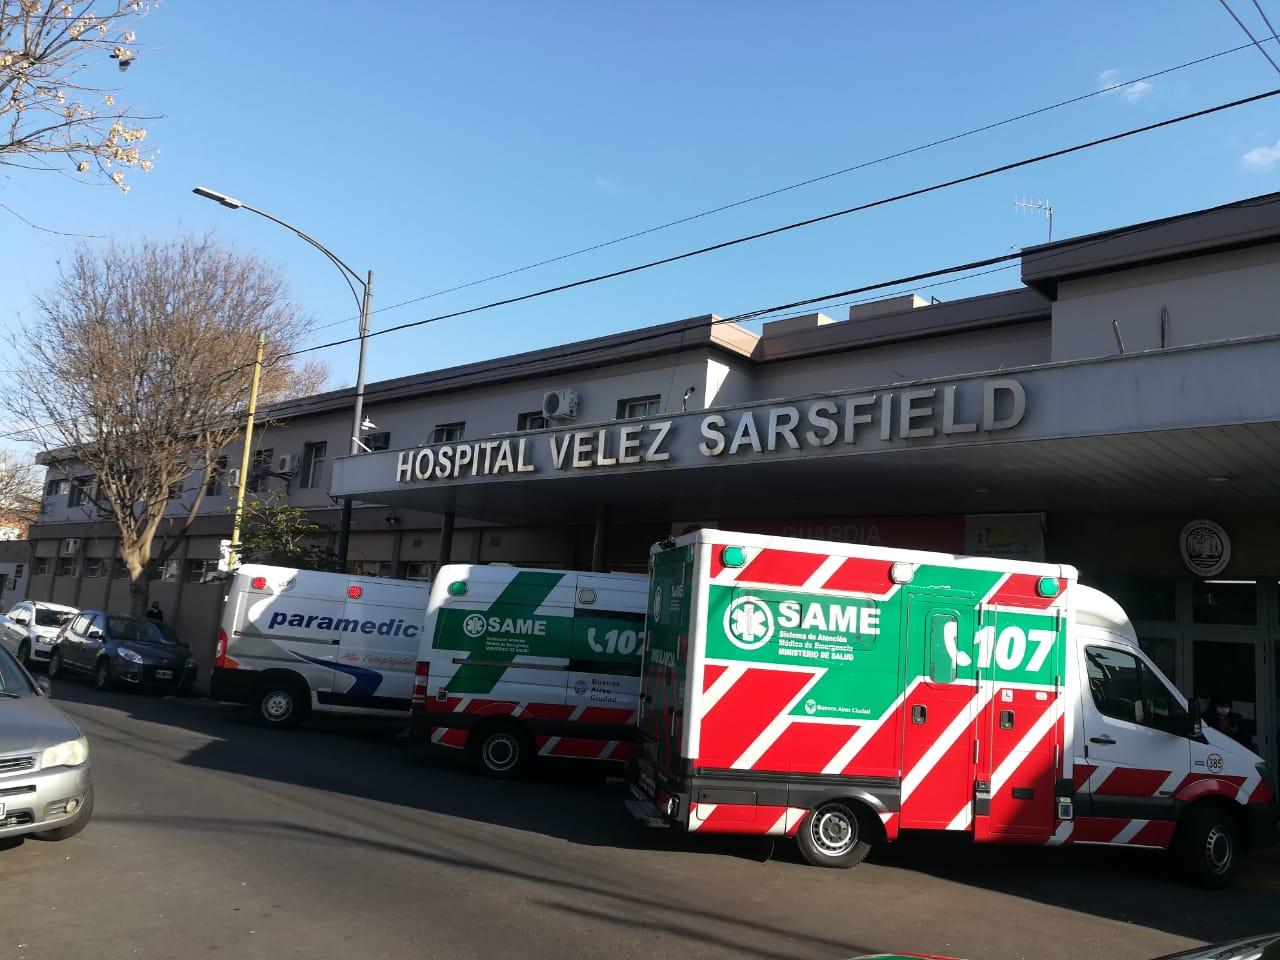 Preocupación por el estado del Hospital Vélez Sarsfield | Dudas tras el fallecimiento de una paciente de 87 años